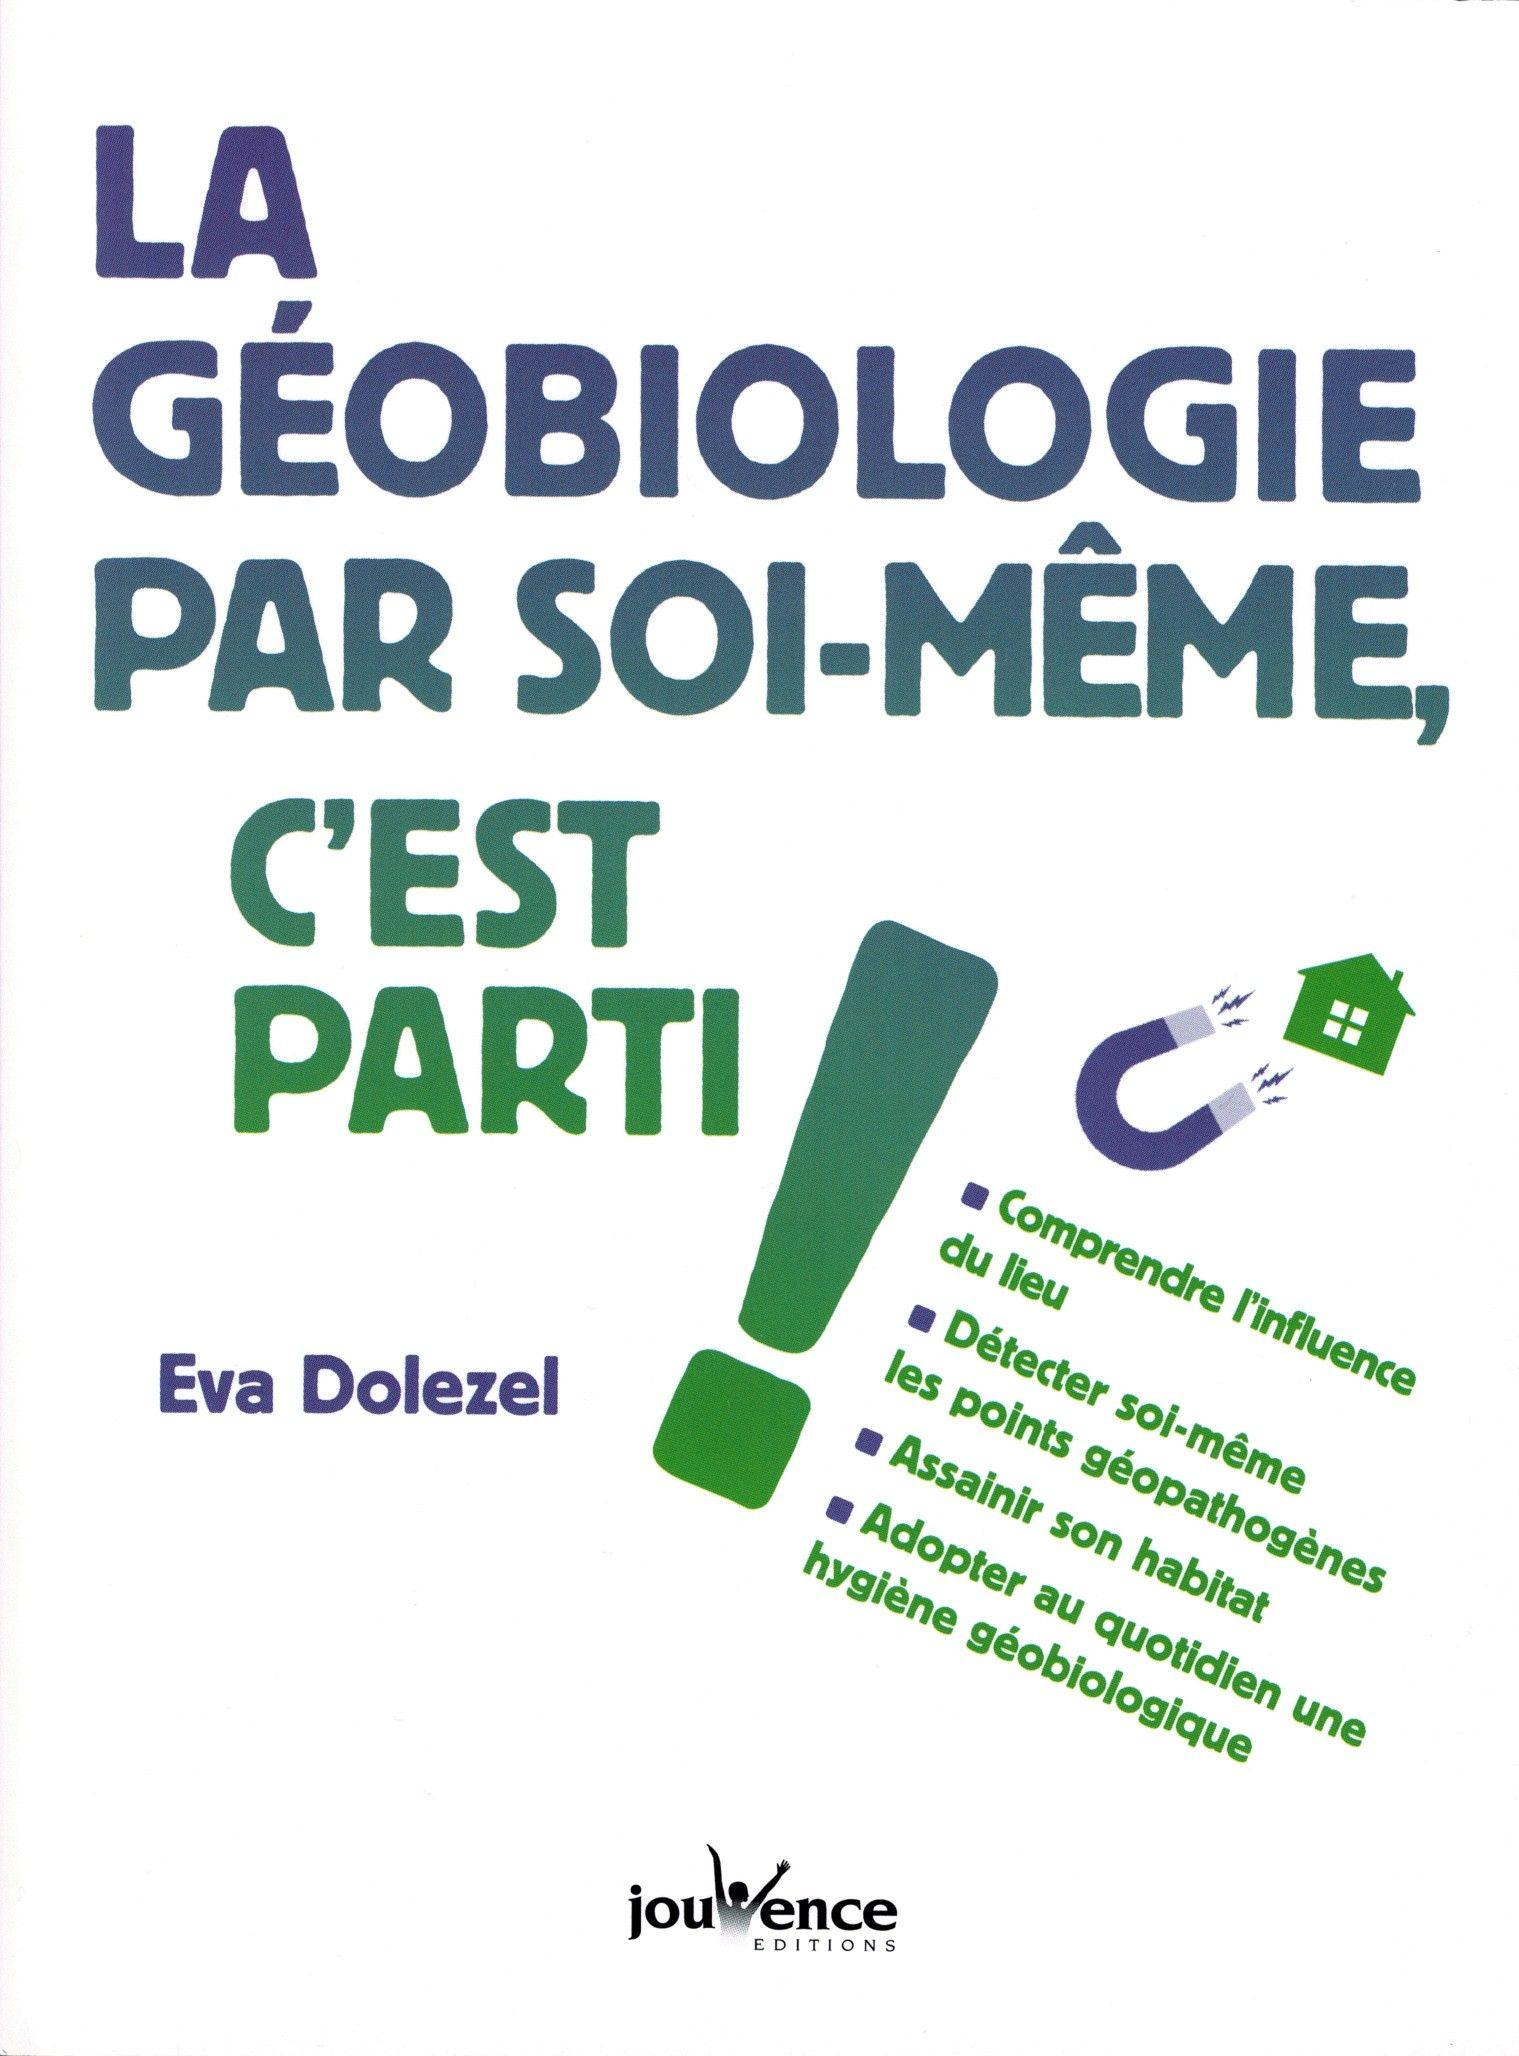 La Geobiologie Par Soi Meme C Est Parti Eva Dolezel Ed Jouvence Telechargement Geobiologie Pdf Gratuit